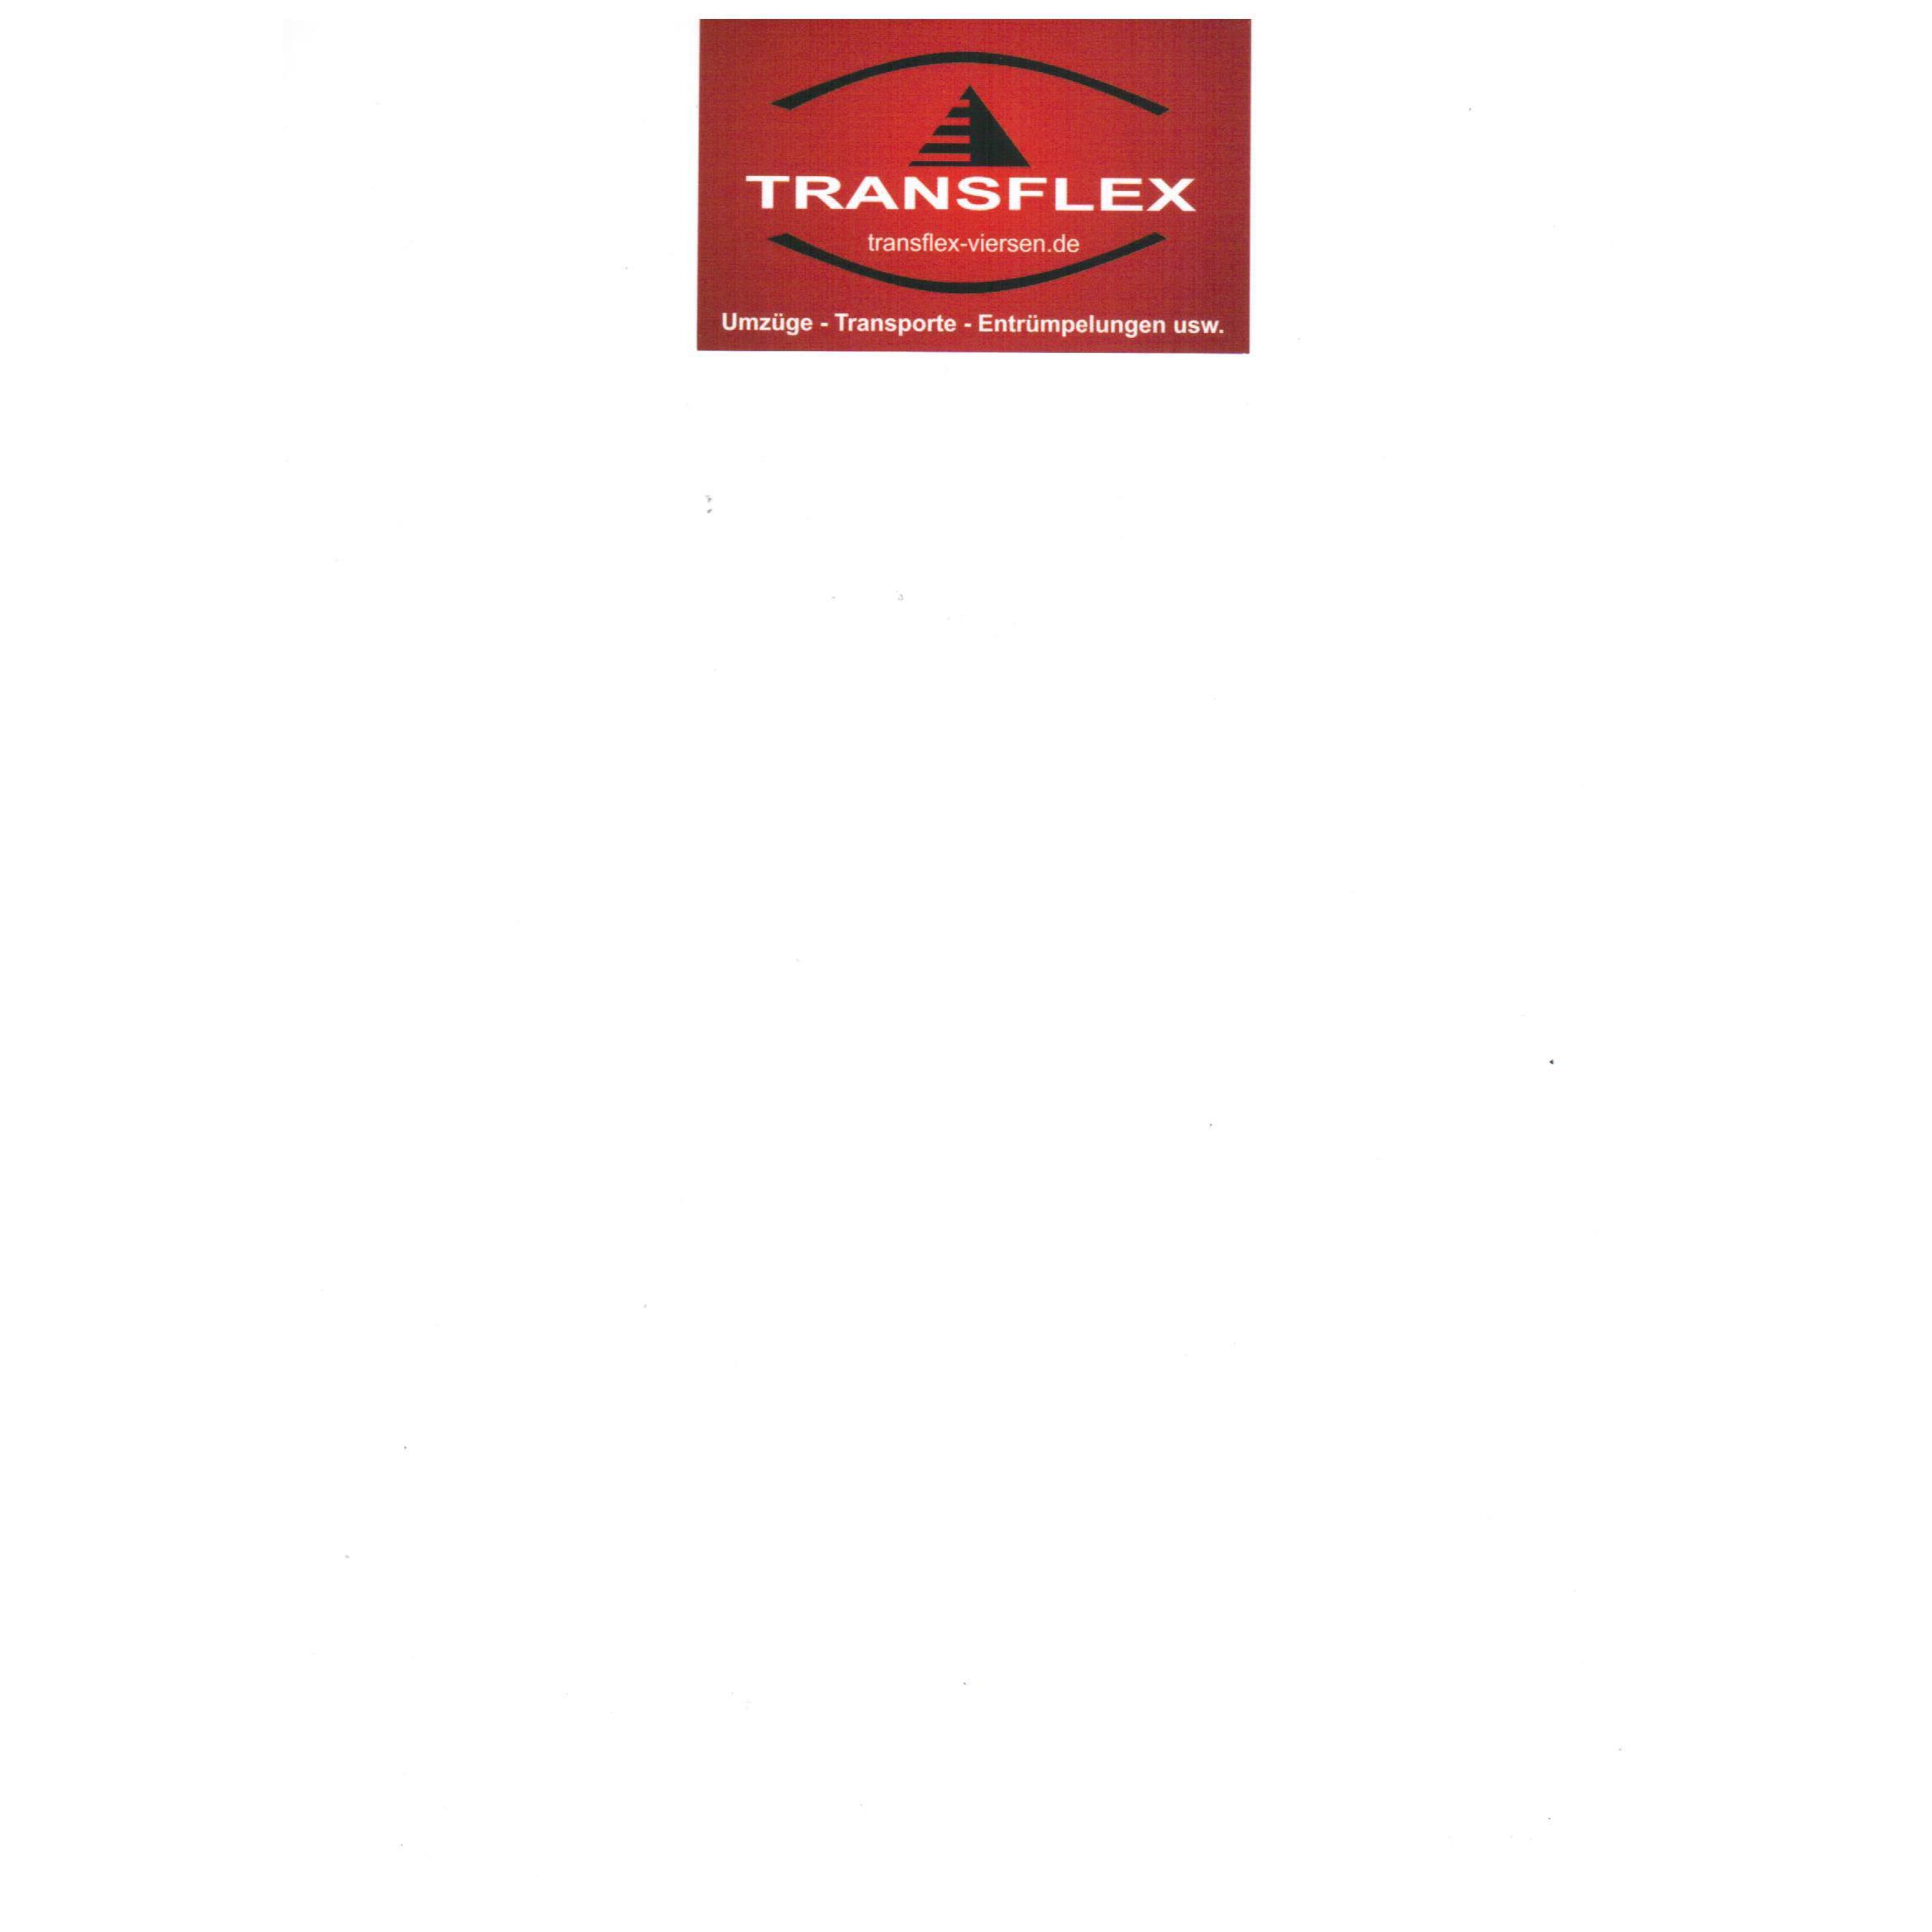 Bild zu Transflex Transporter Vermietung in Viersen